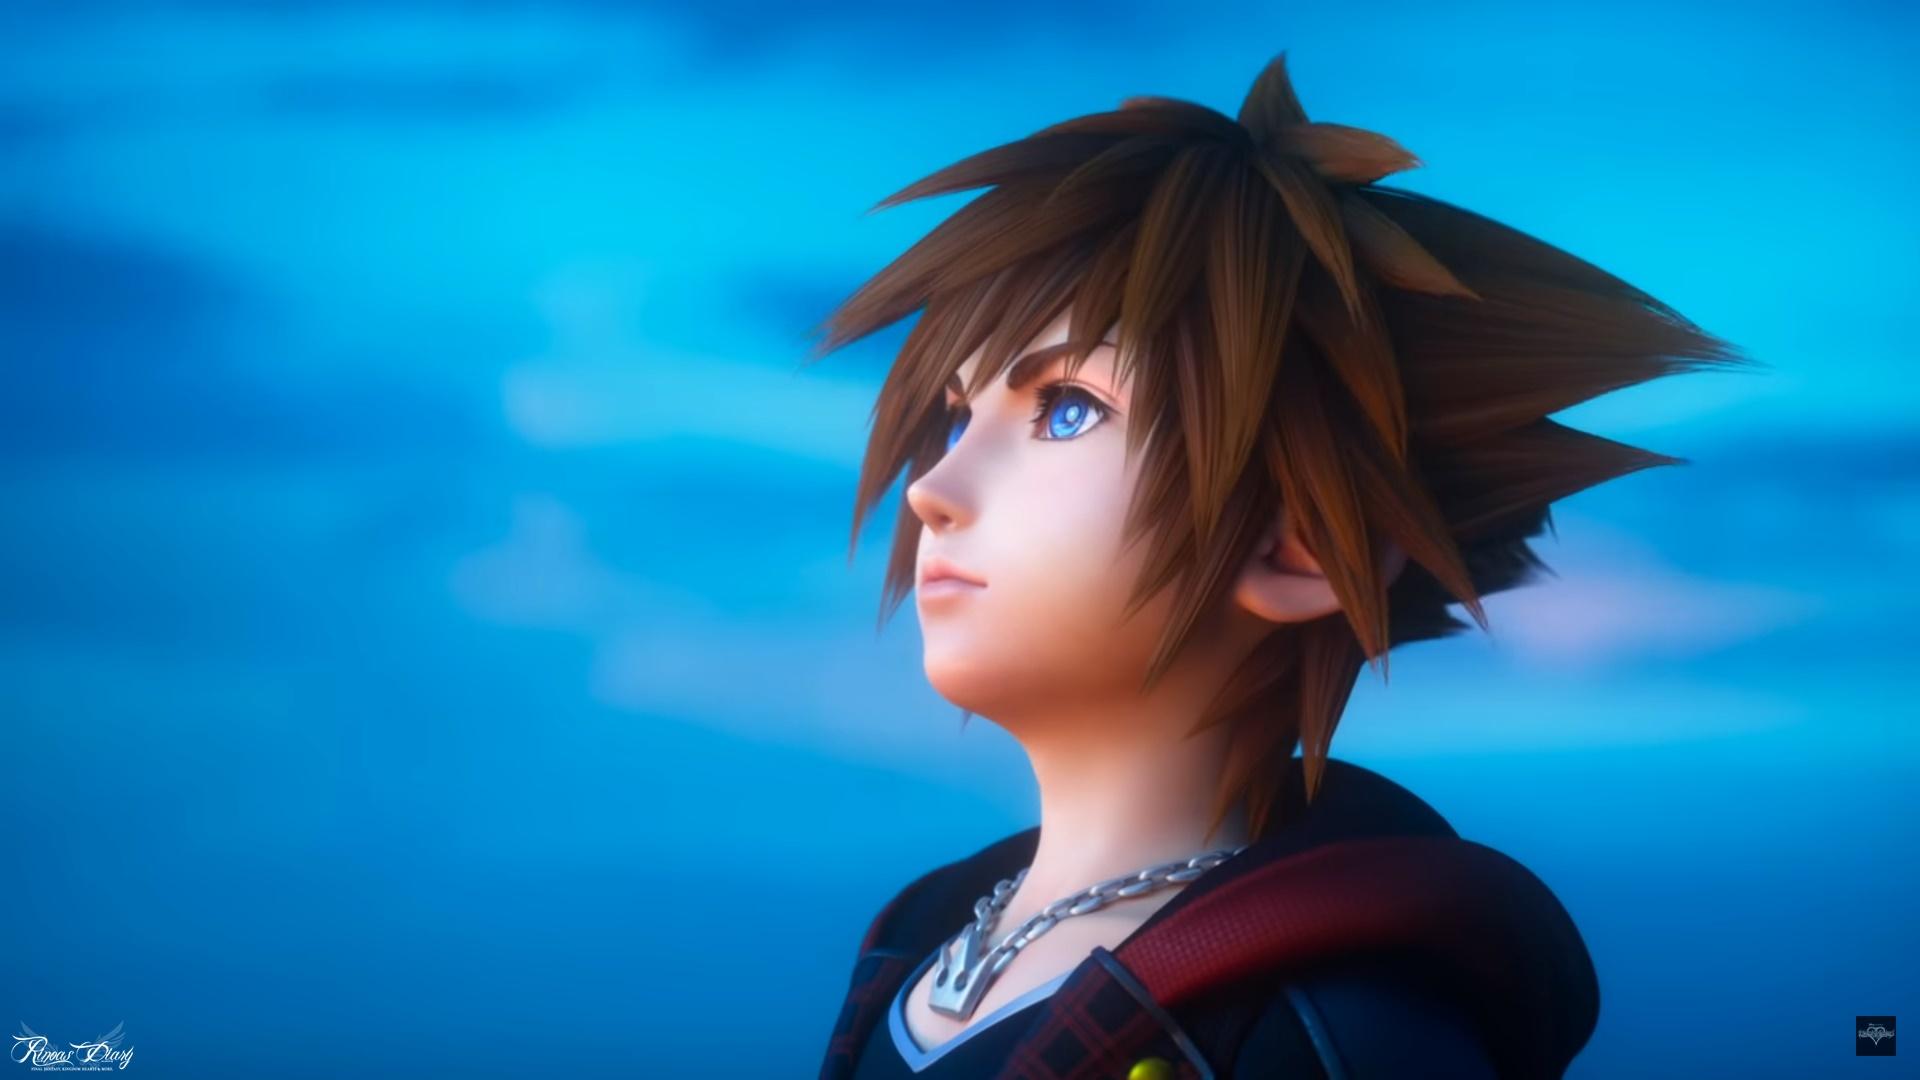 Ecco il primo trailer di Dicembre di Kingdom Hearts III!